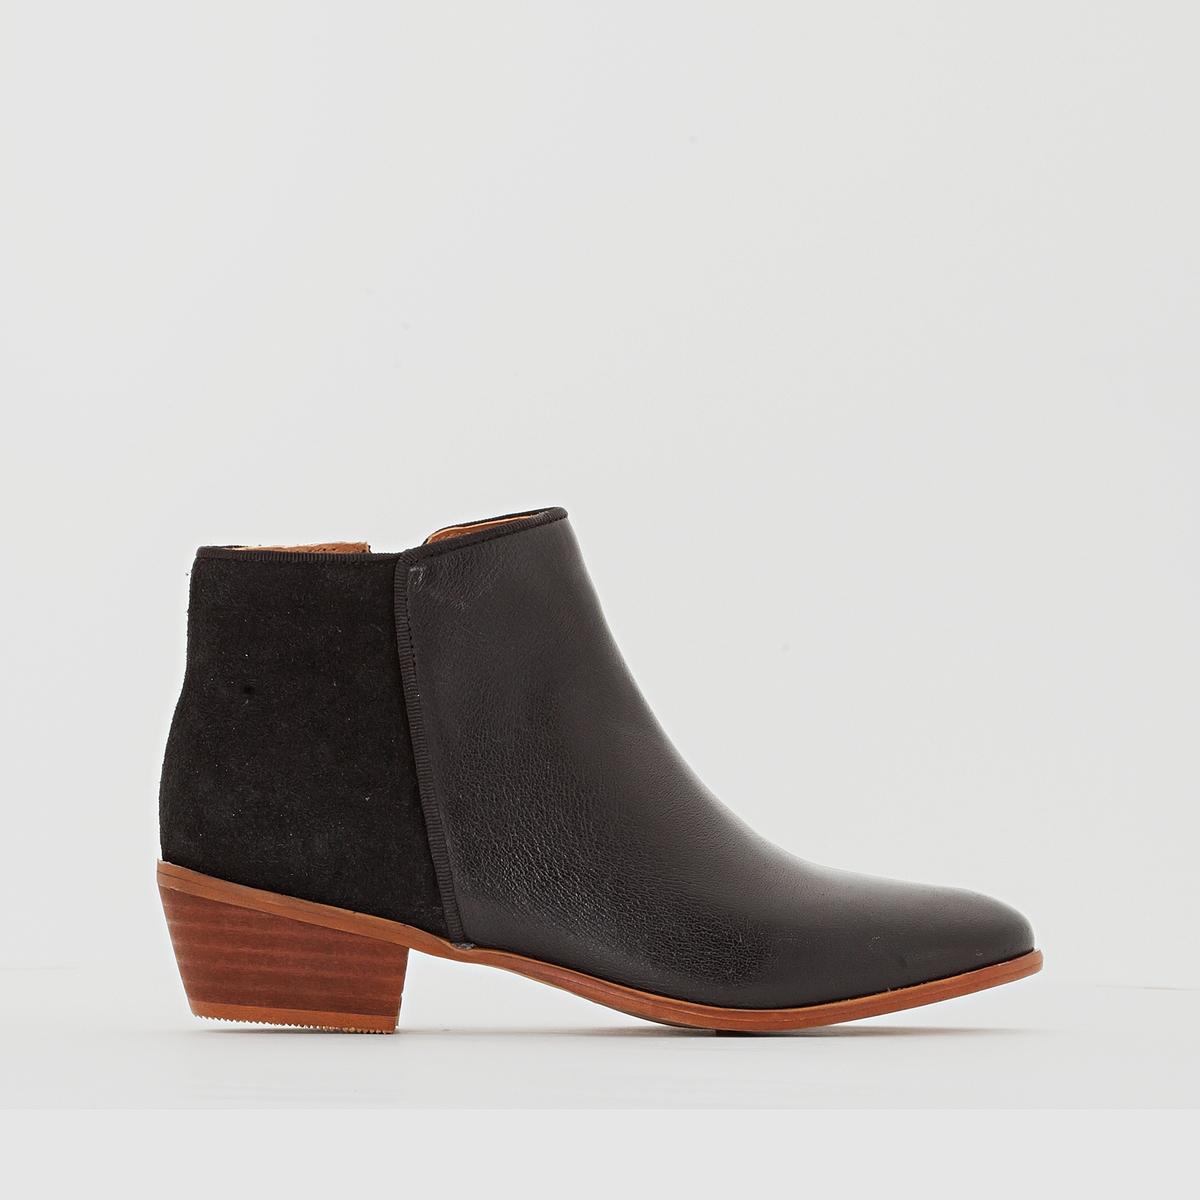 Ботильоны кожаные на каблуке в стиле вестерн ботинки в стиле вестерн